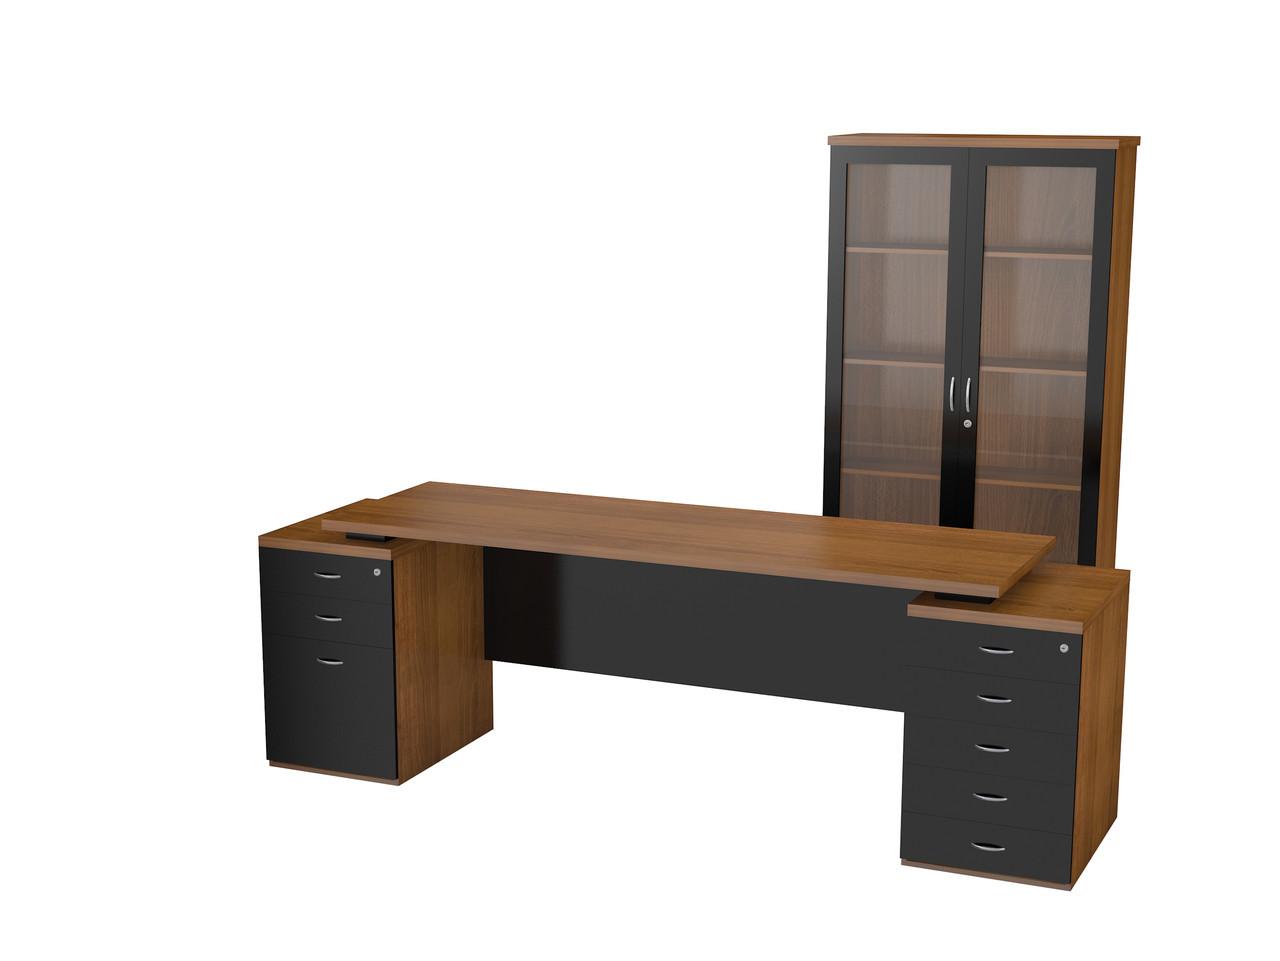 super popular 98e2e 1e405 Nevada Main Desk Unit With System Cabinet